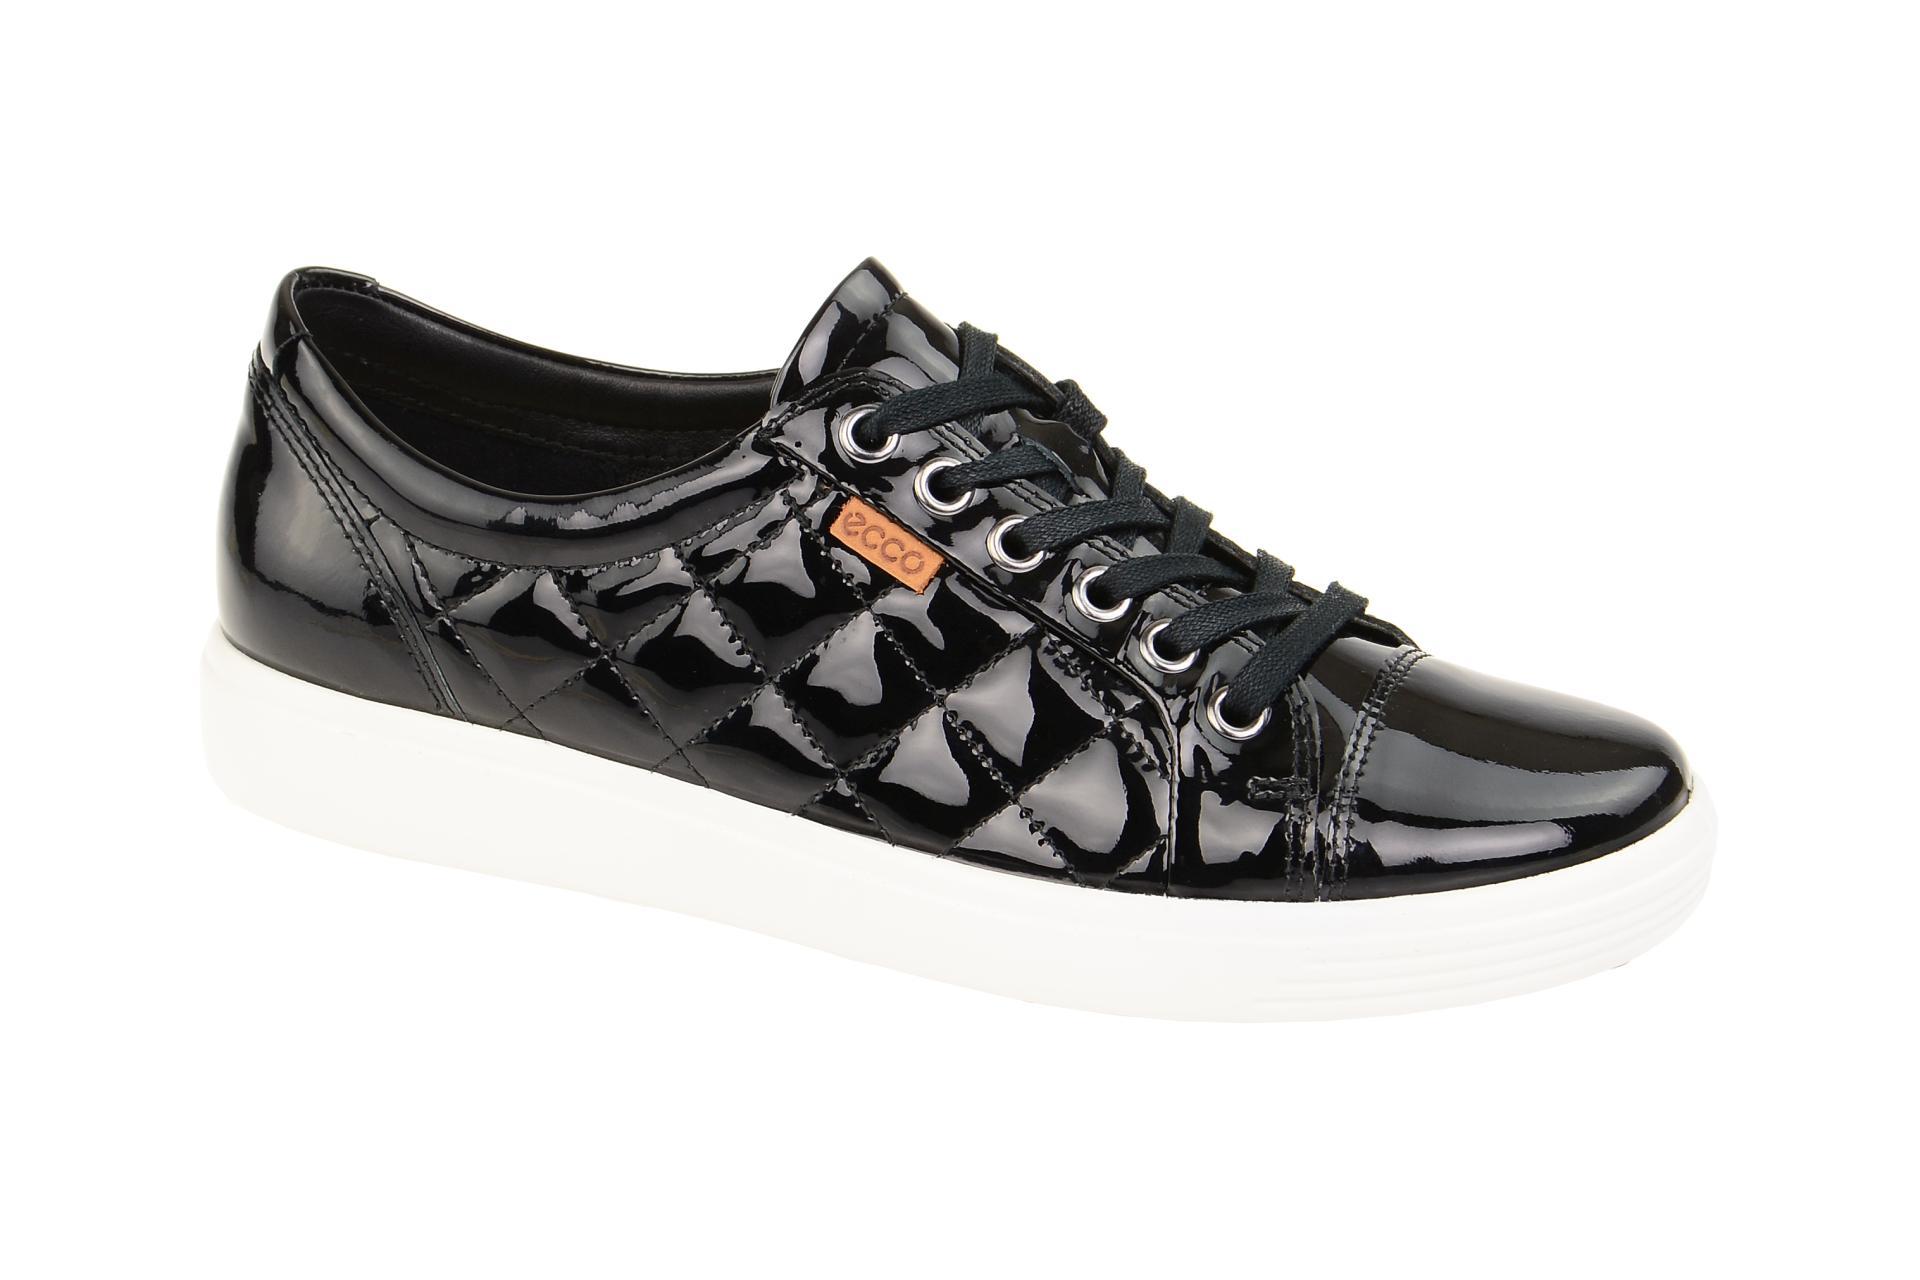 Ecco Soft 7 Schuhe schwarz Lack 43008358636